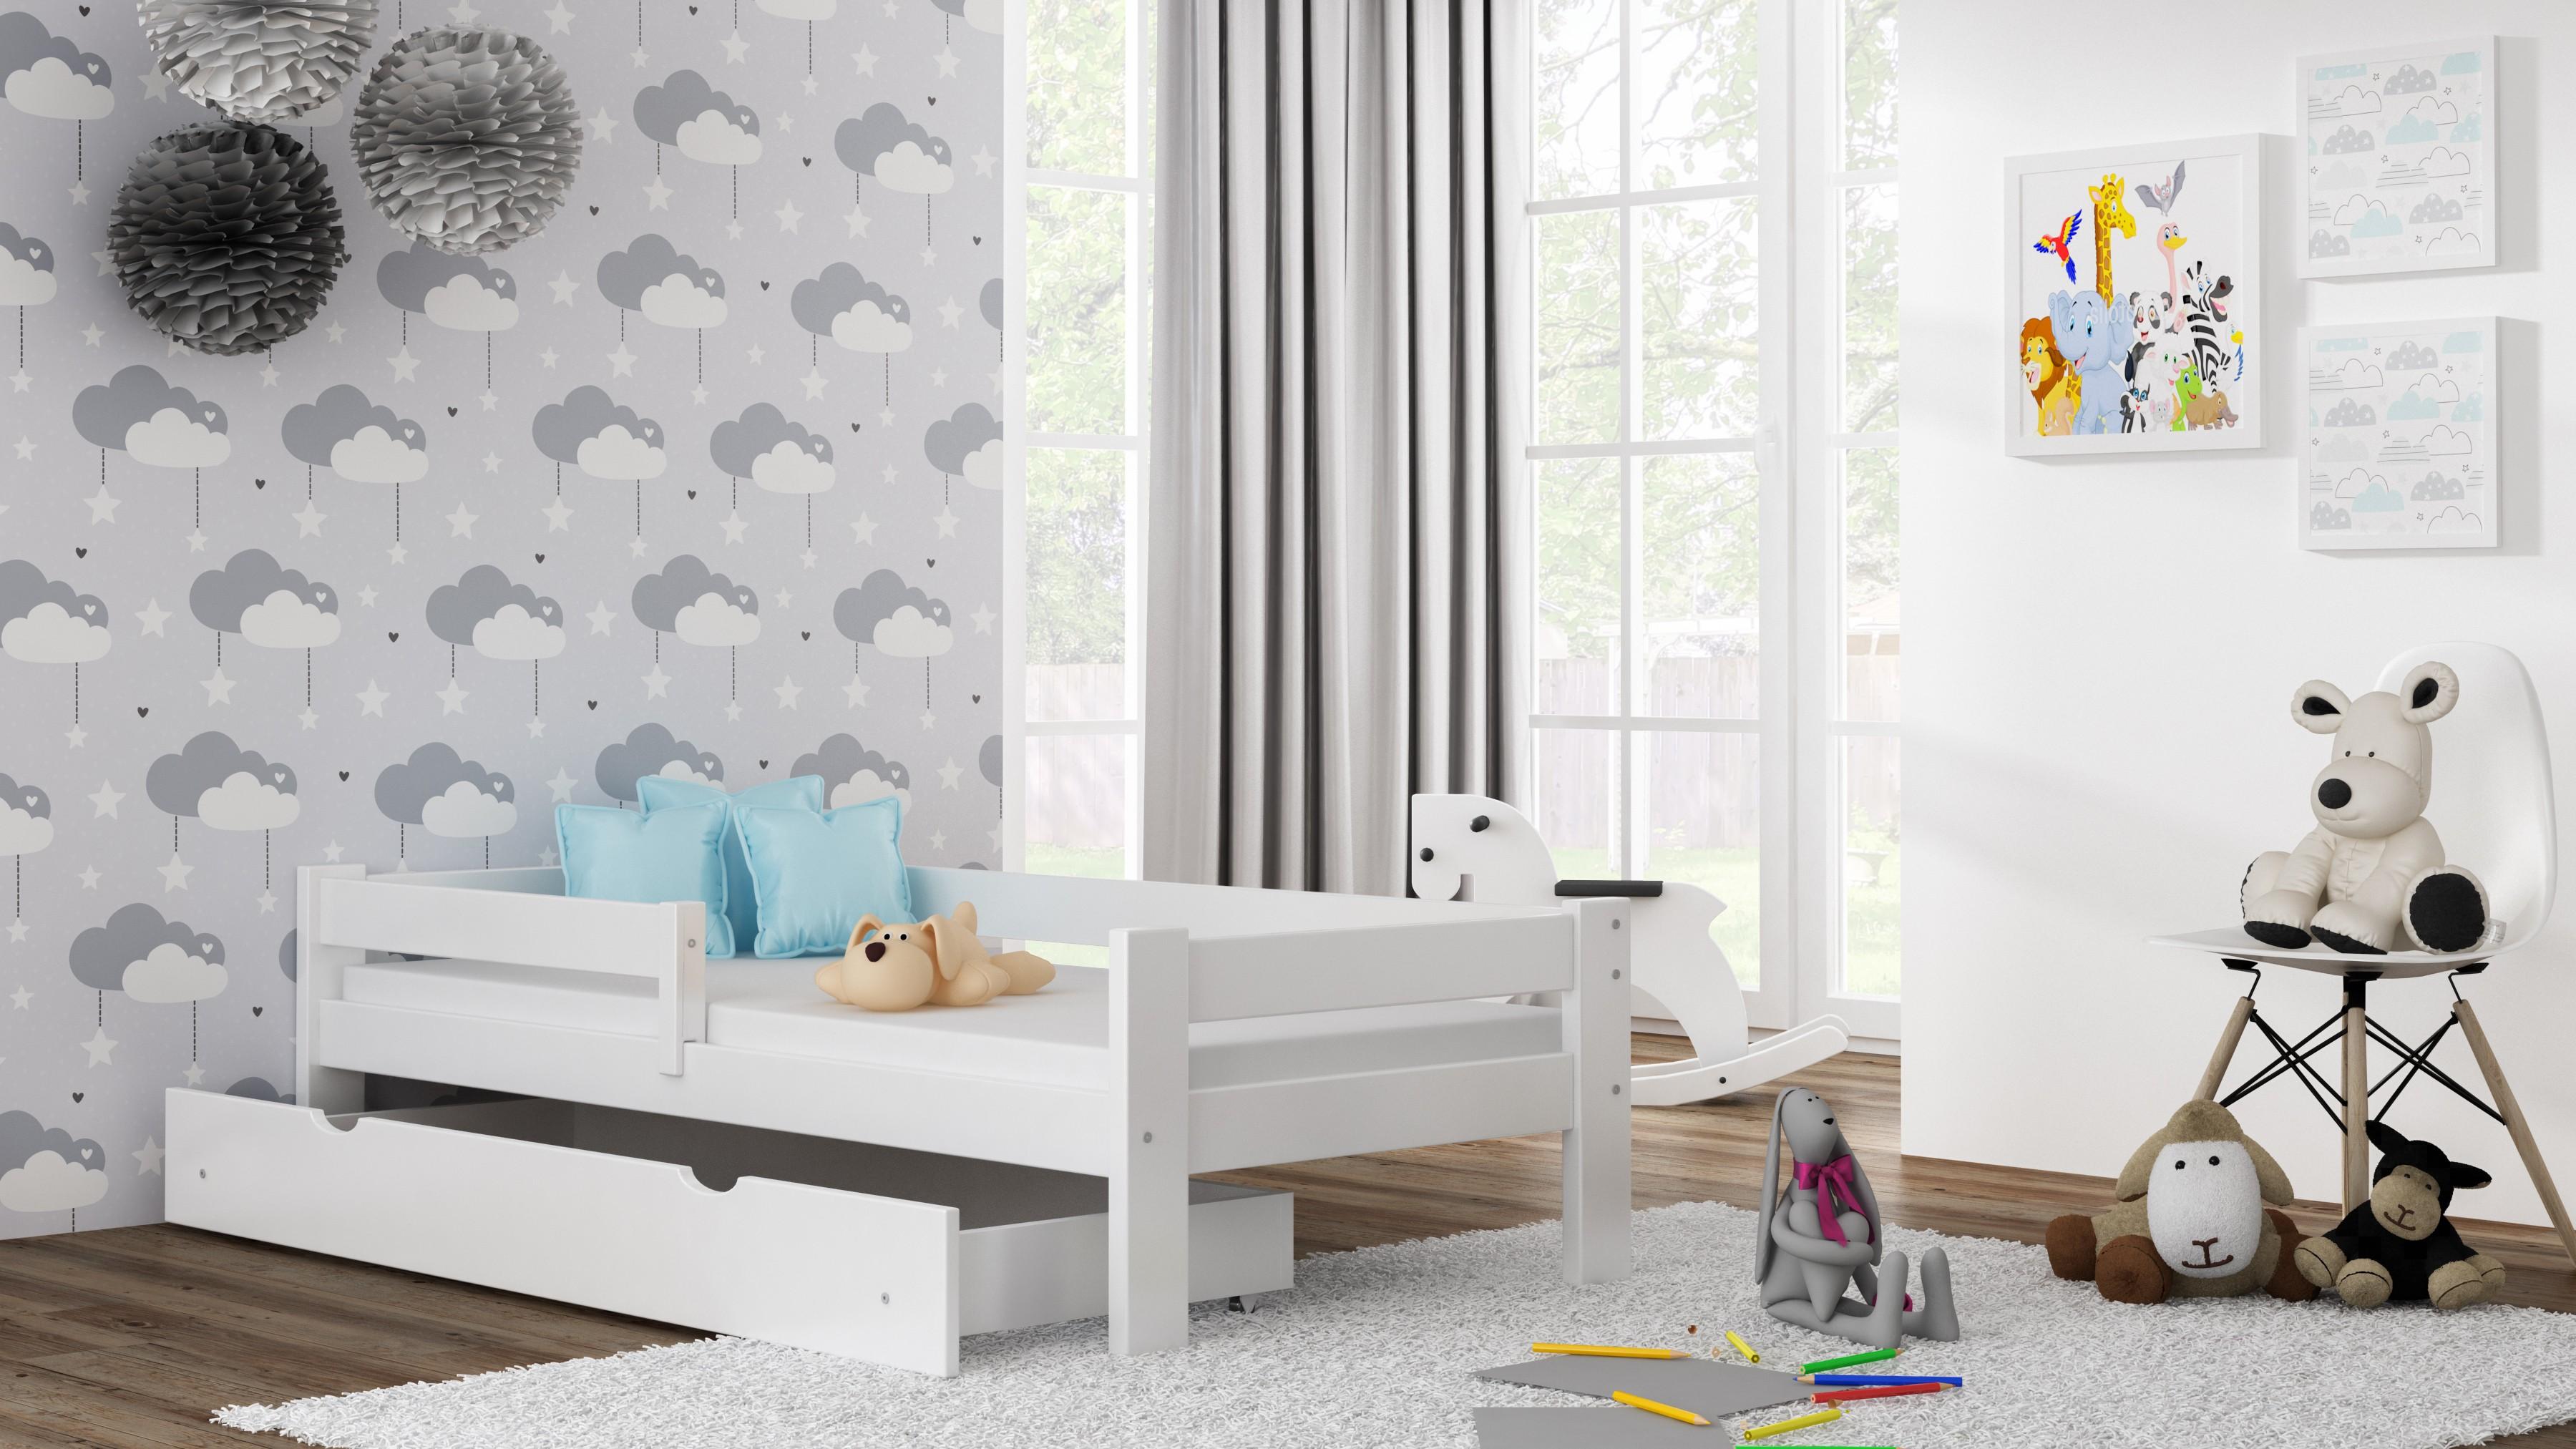 Cama individual - Willow para niños niño niño Junior